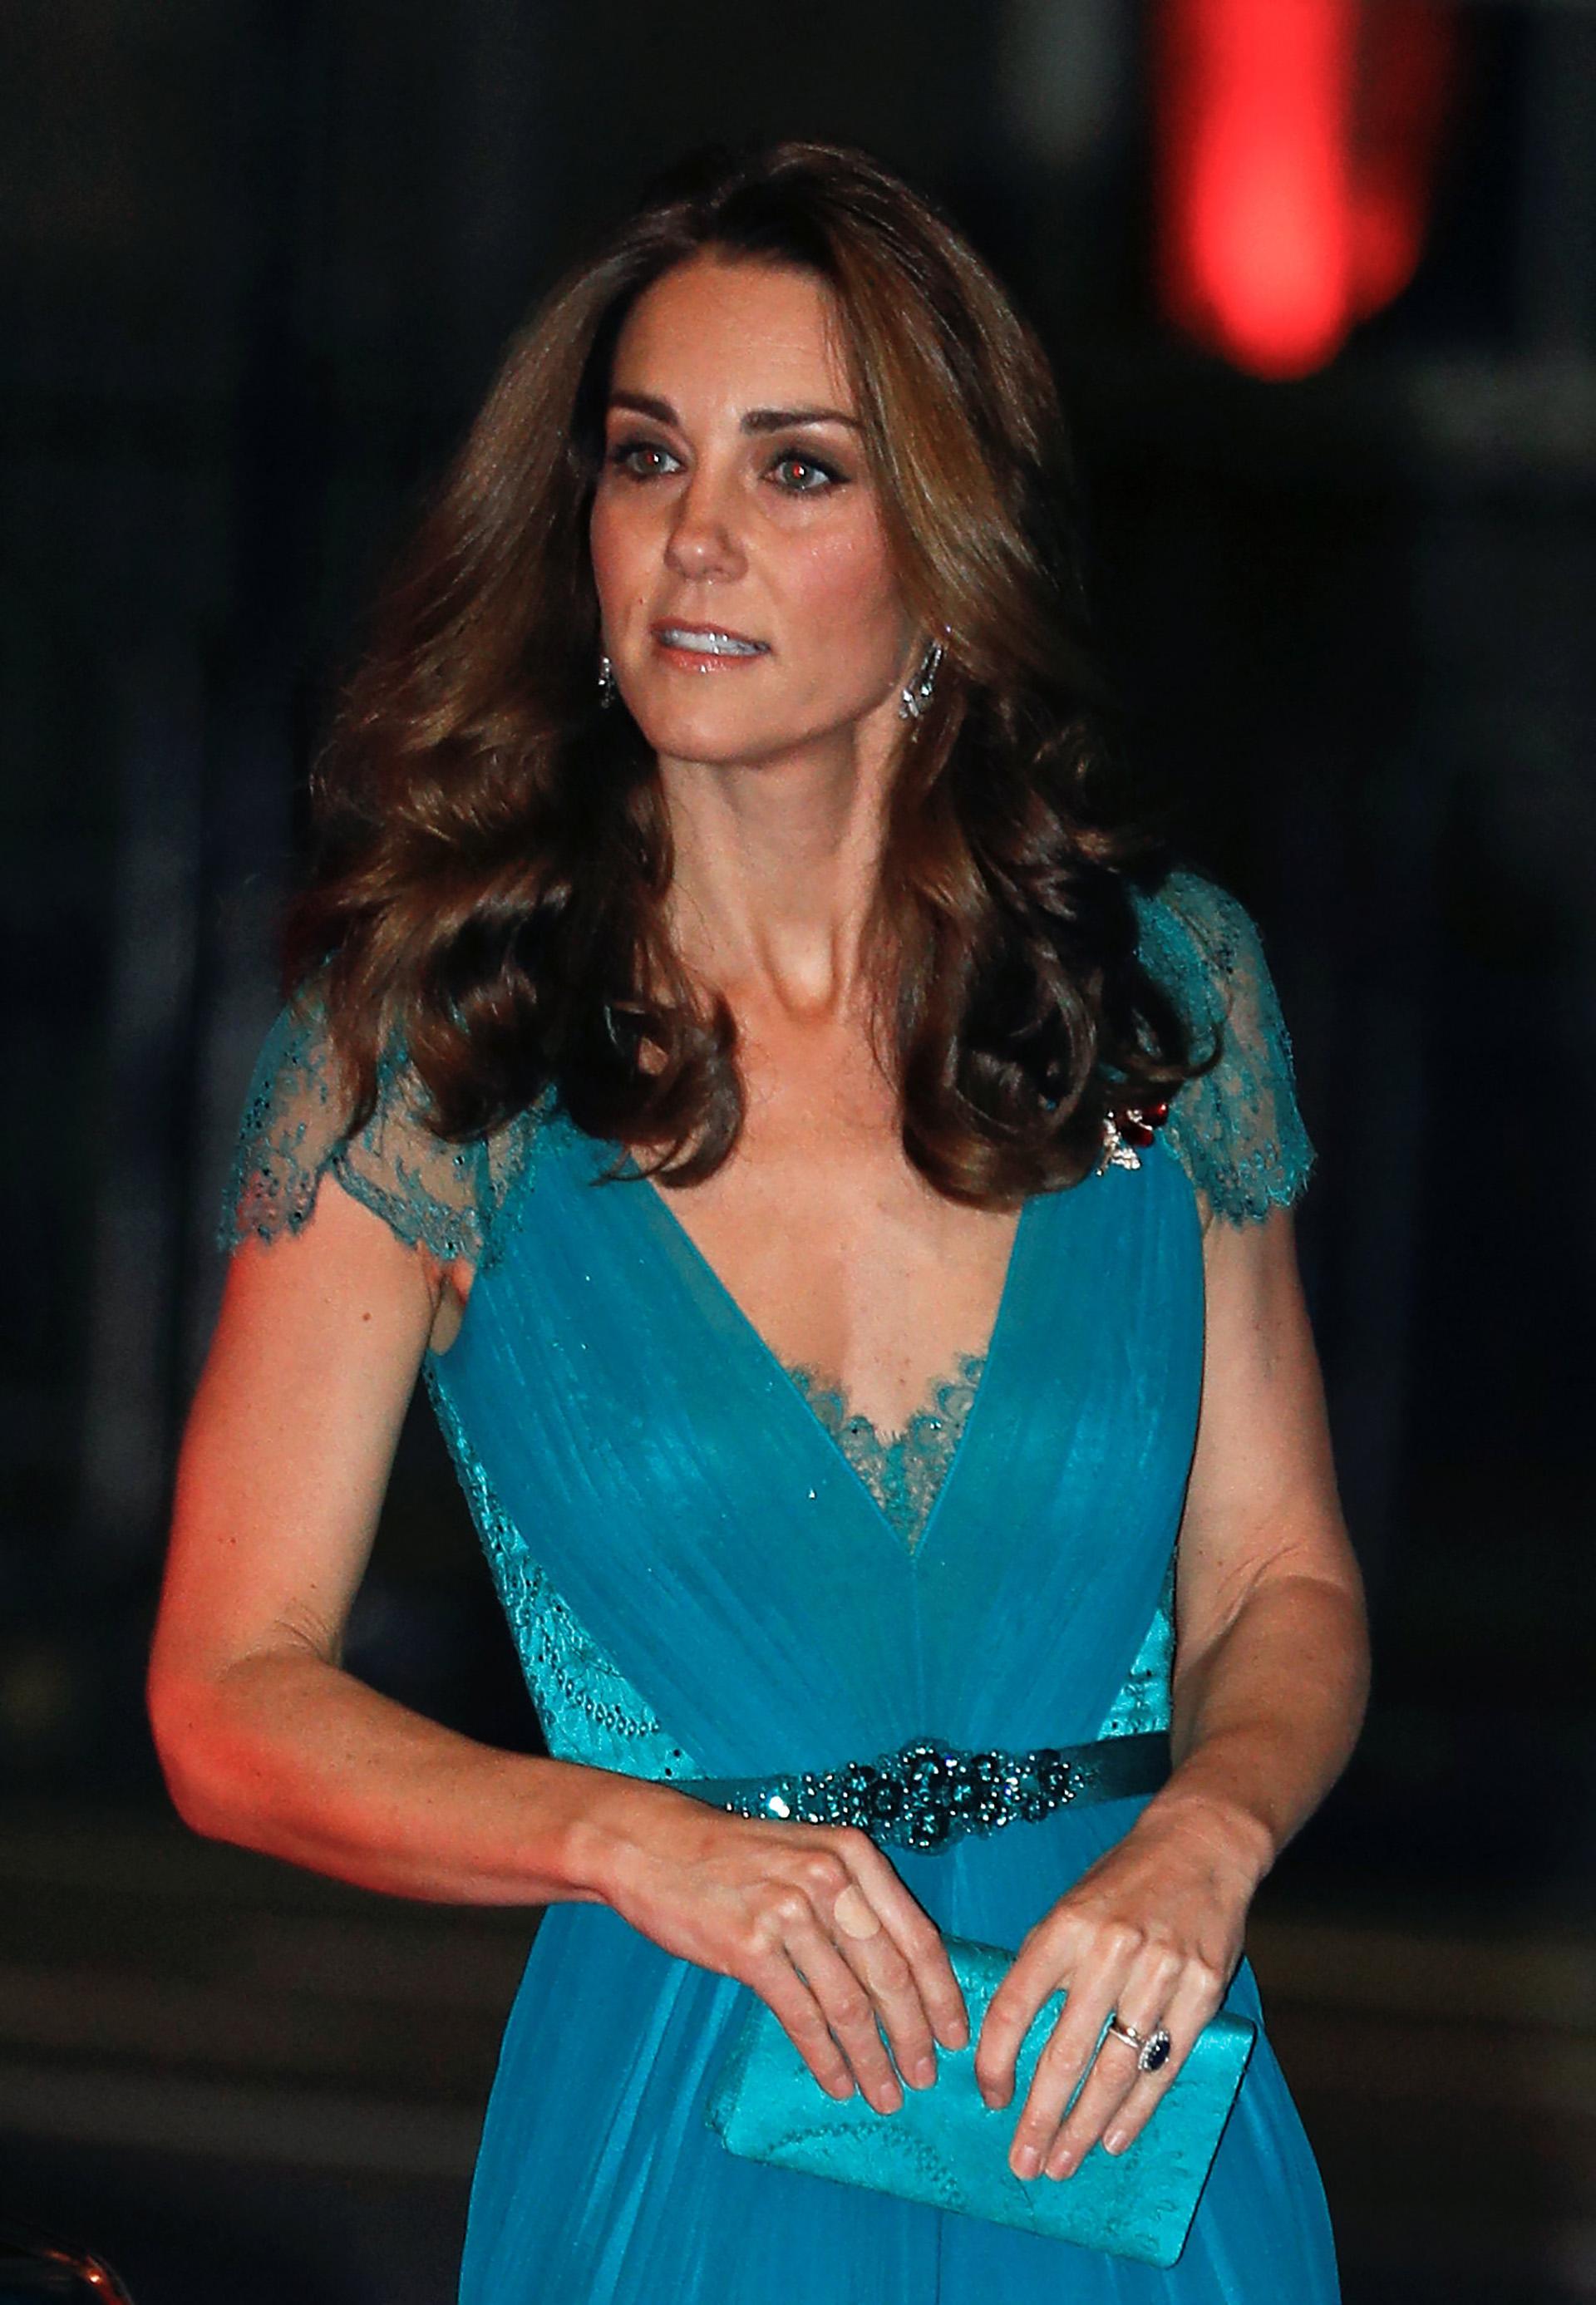 La duquesa eligió uno de los colores que mejor le sientan, siempre en la gama de los azules y los celestes, en un diseño que incluyó un gran escote y transparencias